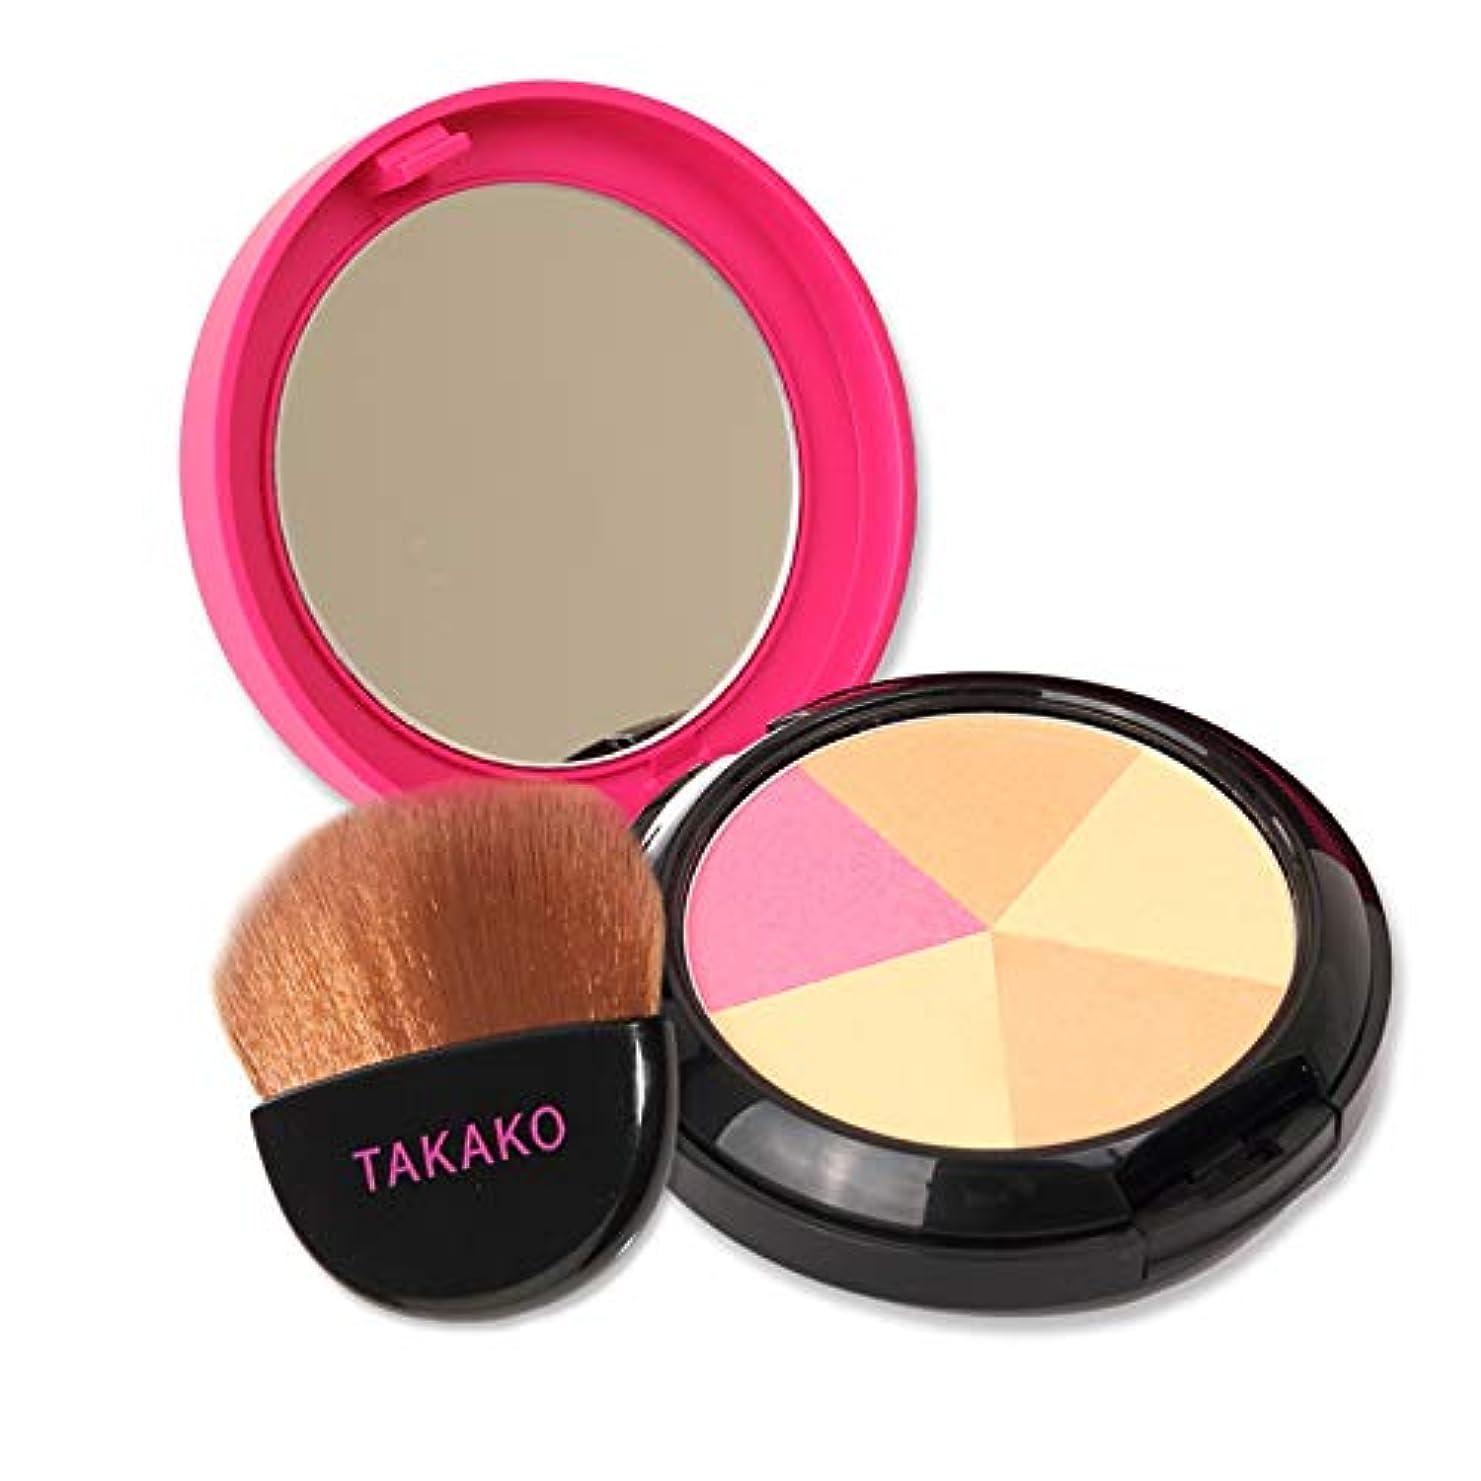 一節バックアップお父さんTAKAKO スターリングパウダー フェイスパウダー 厳選3色でツヤ肌 フェースパウダー プレストパウダー 12g TAKAKO Power of Beauty STARRING POWDER【タカコ コスメ】